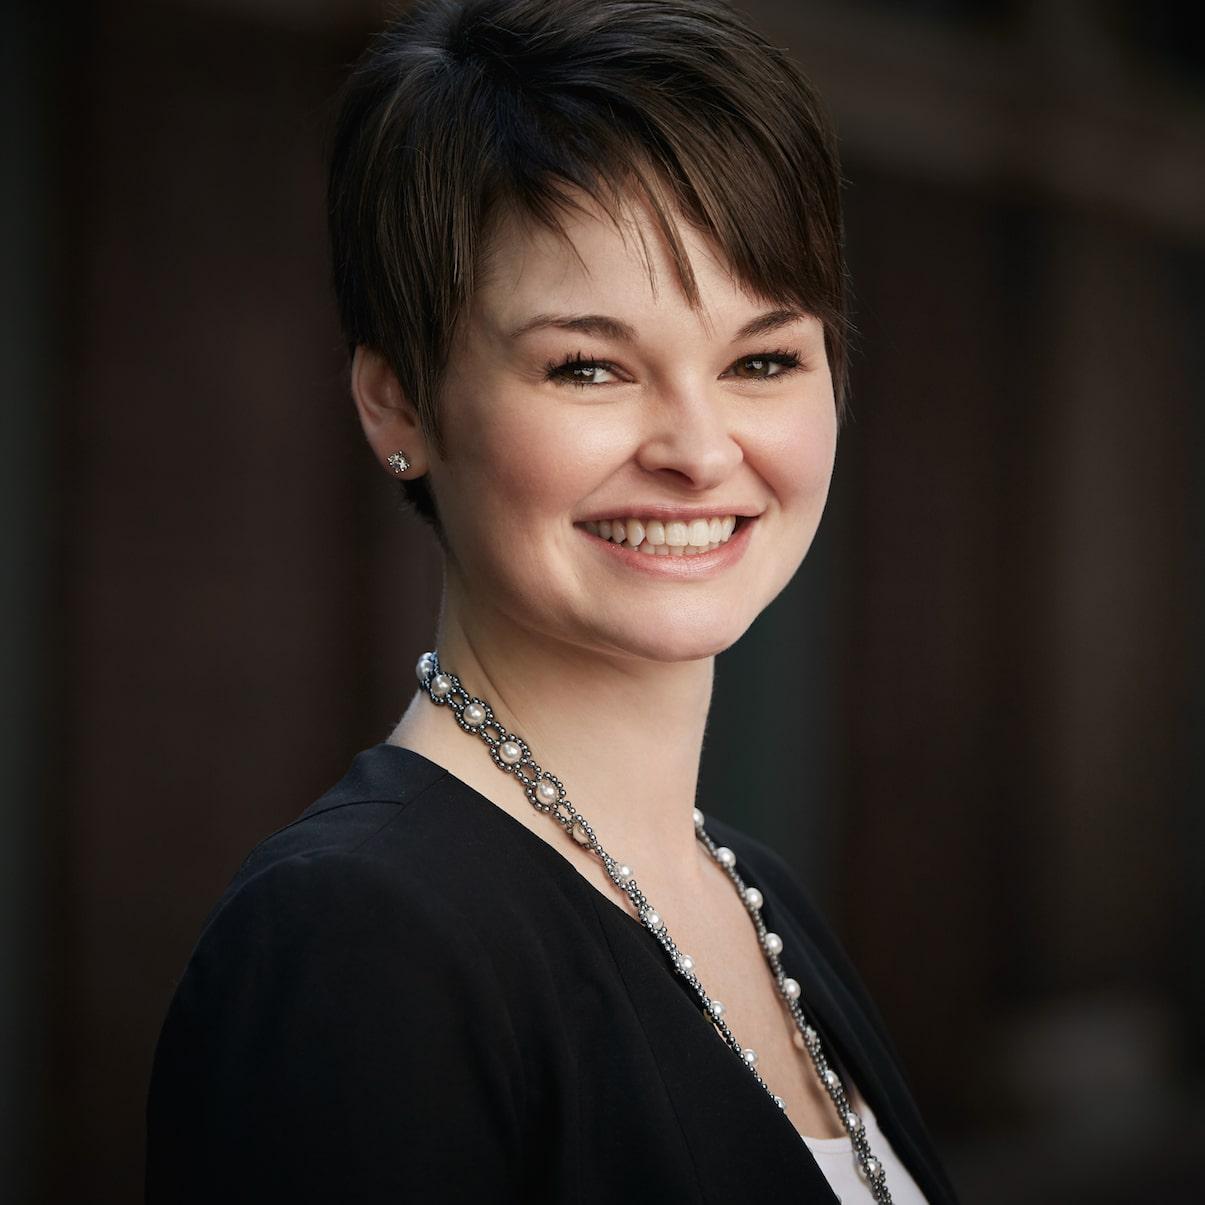 Kristen N. Worak